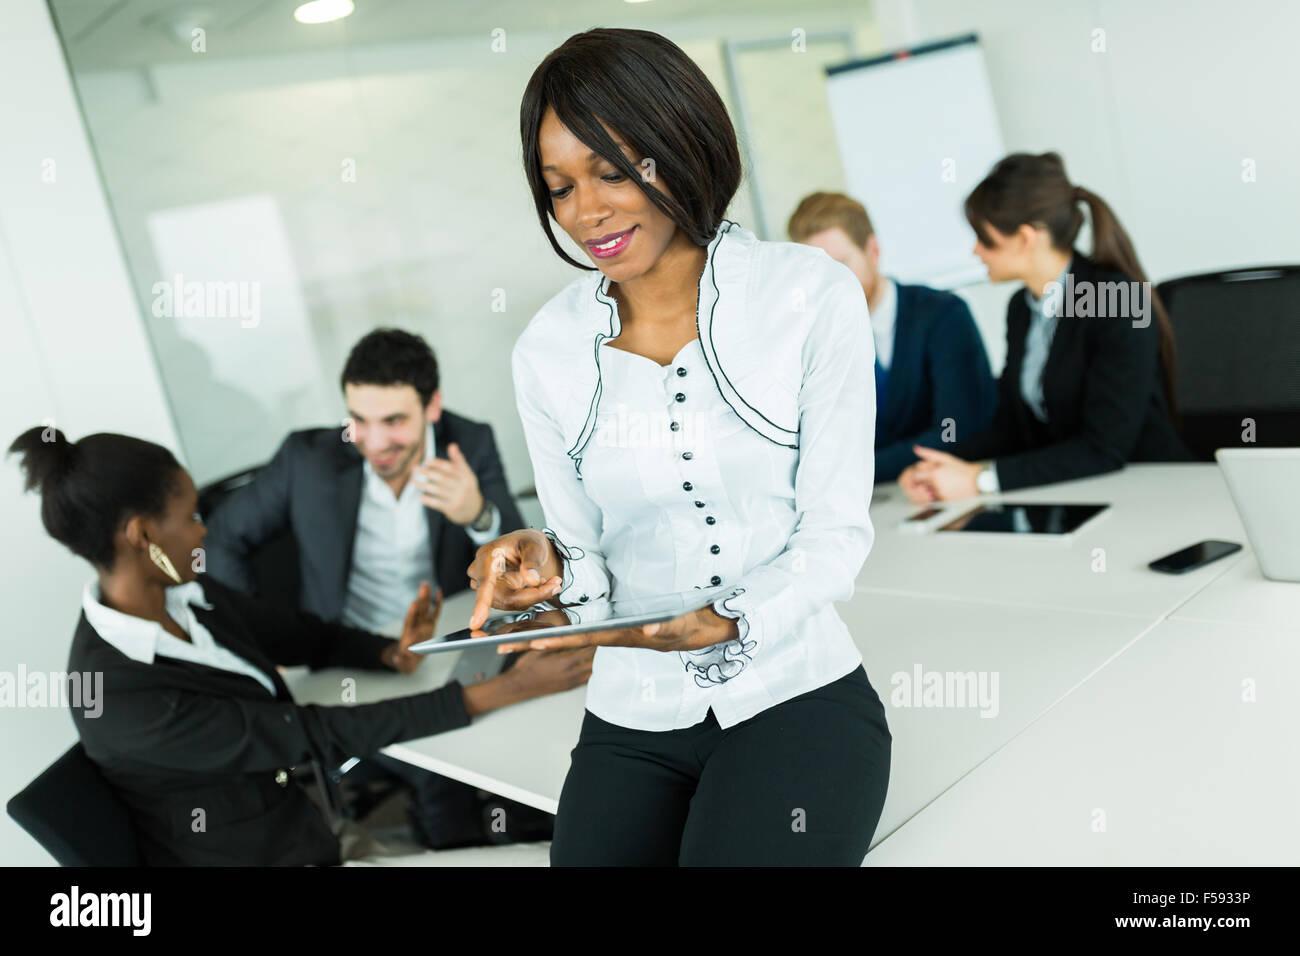 Hermosa, jóvenes, negros, empresaria africana con un tablet en una reunión de oficina Imagen De Stock